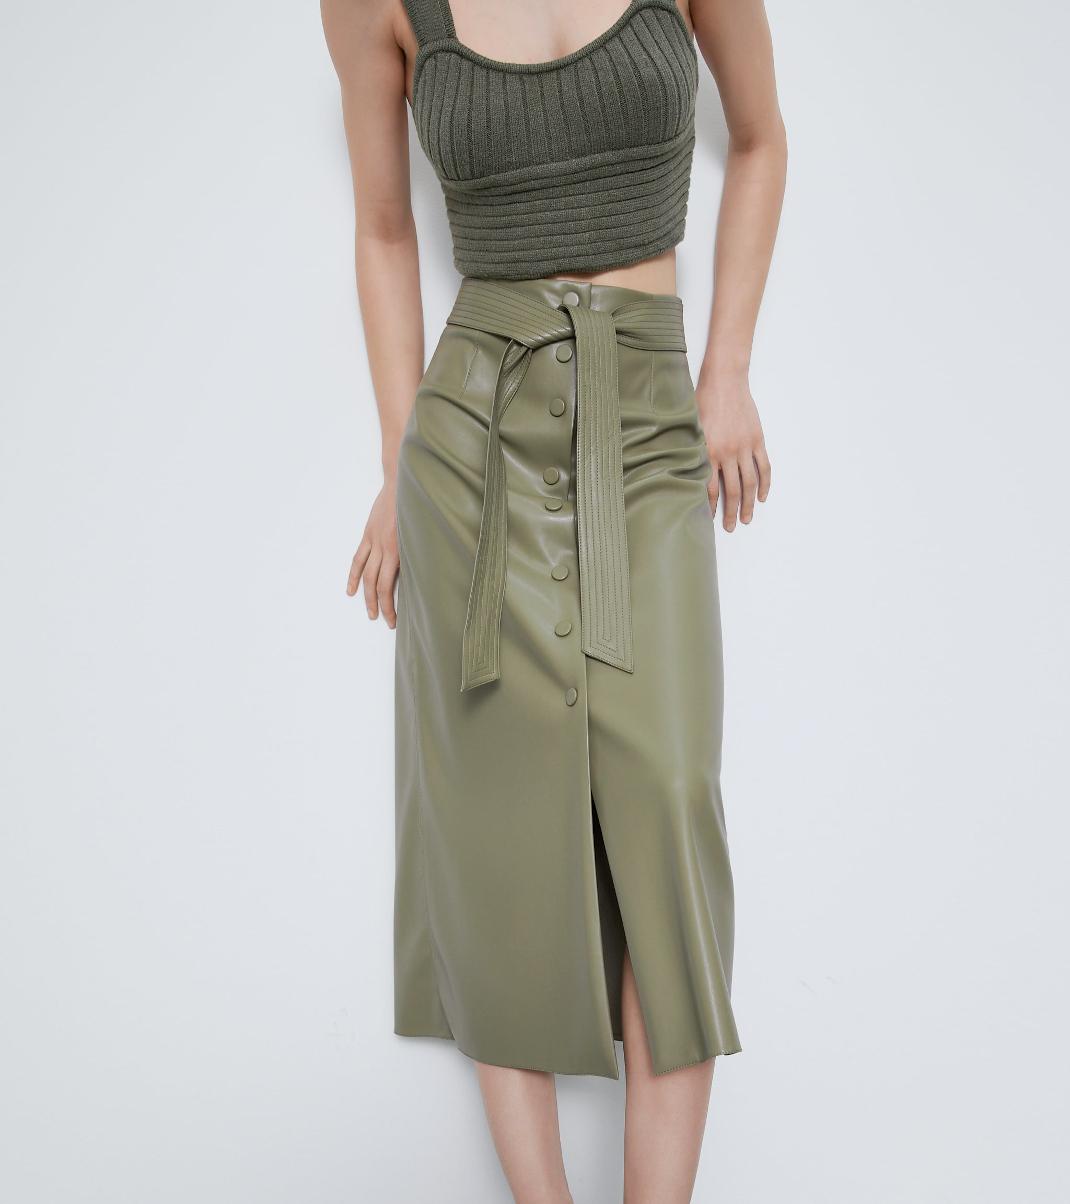 μοντέλο με δερμάτινη φούστα Zara